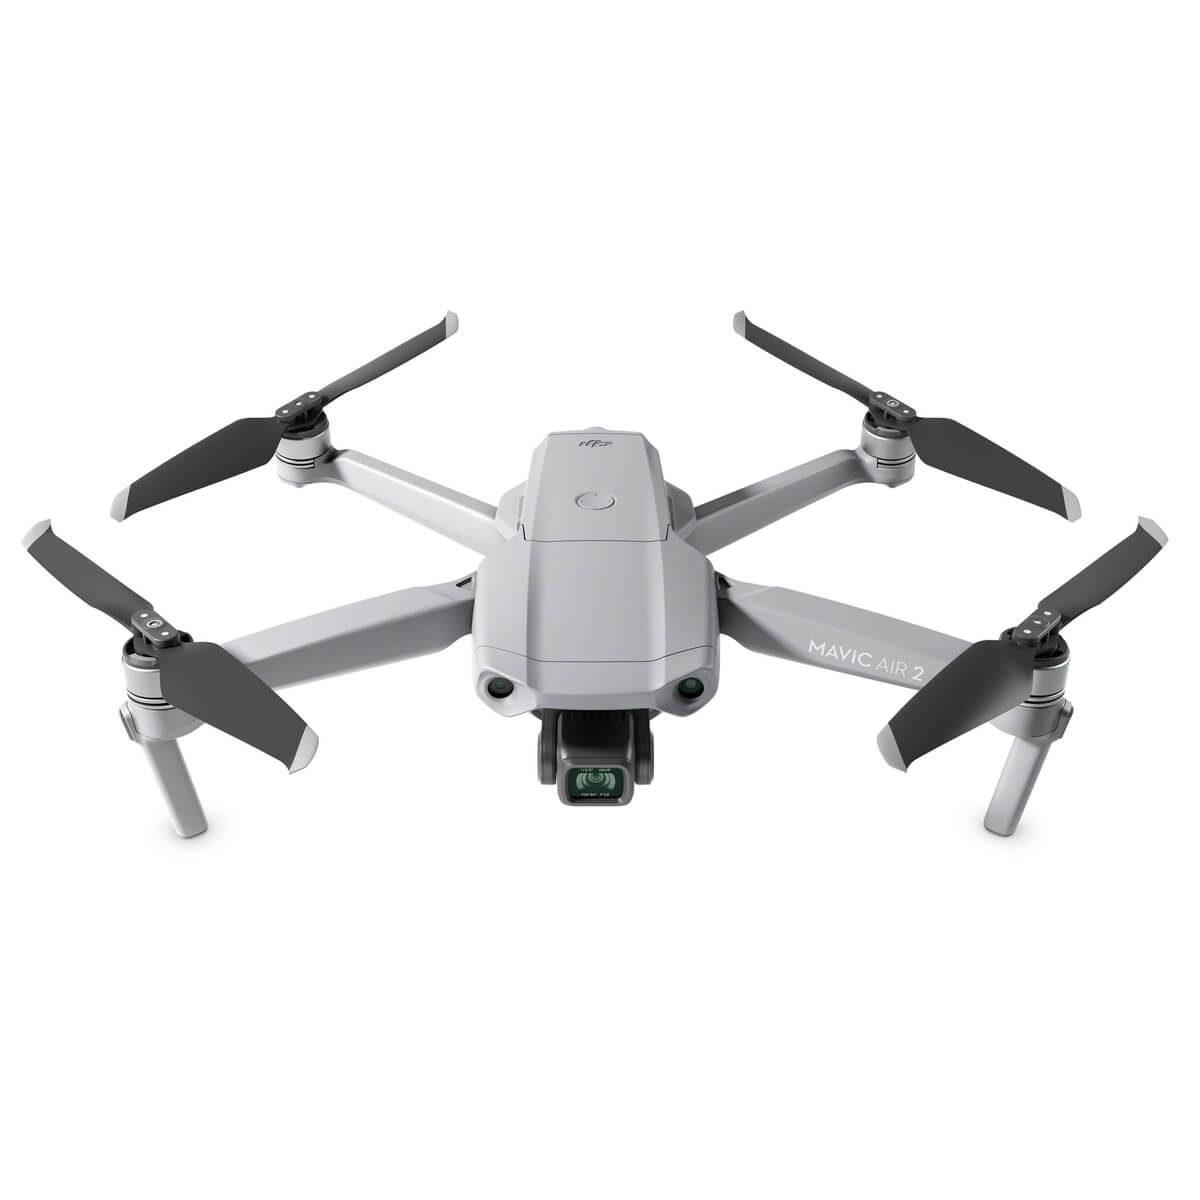 DJI Mavic Air 2 drone afbeelding